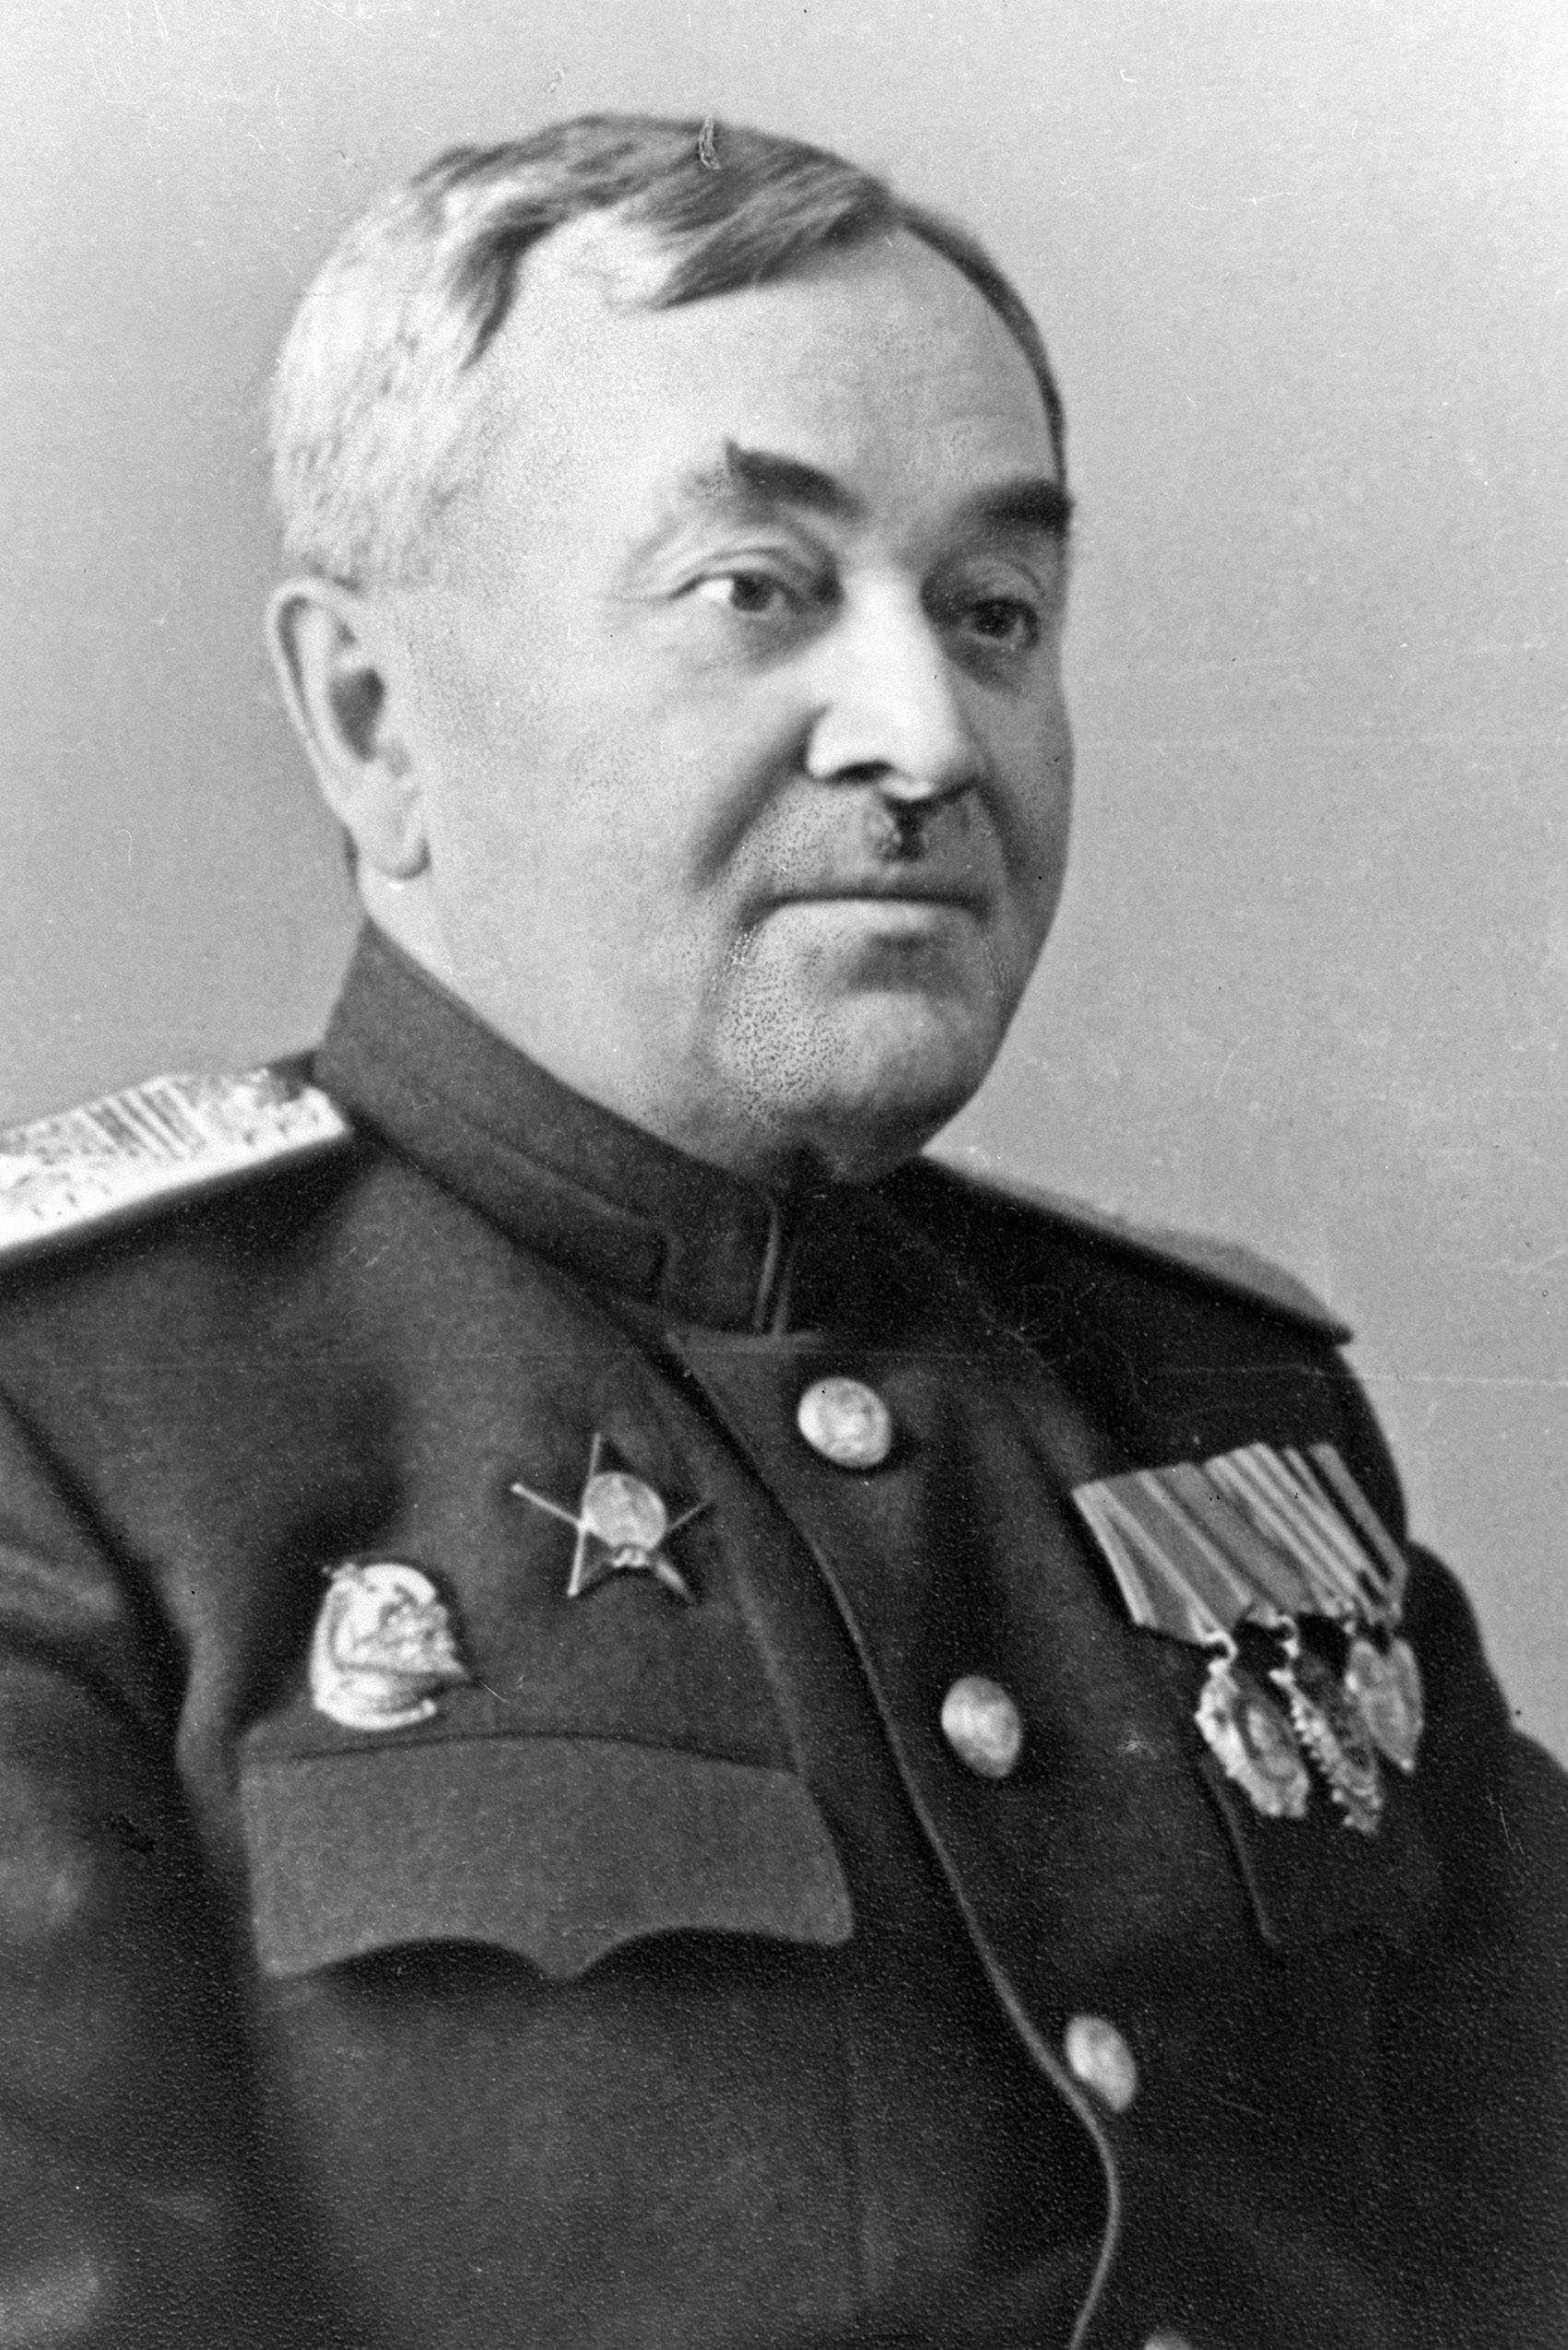 红旗歌舞团第一任团长,少将军衔,儿子也是军乐界的知名少将